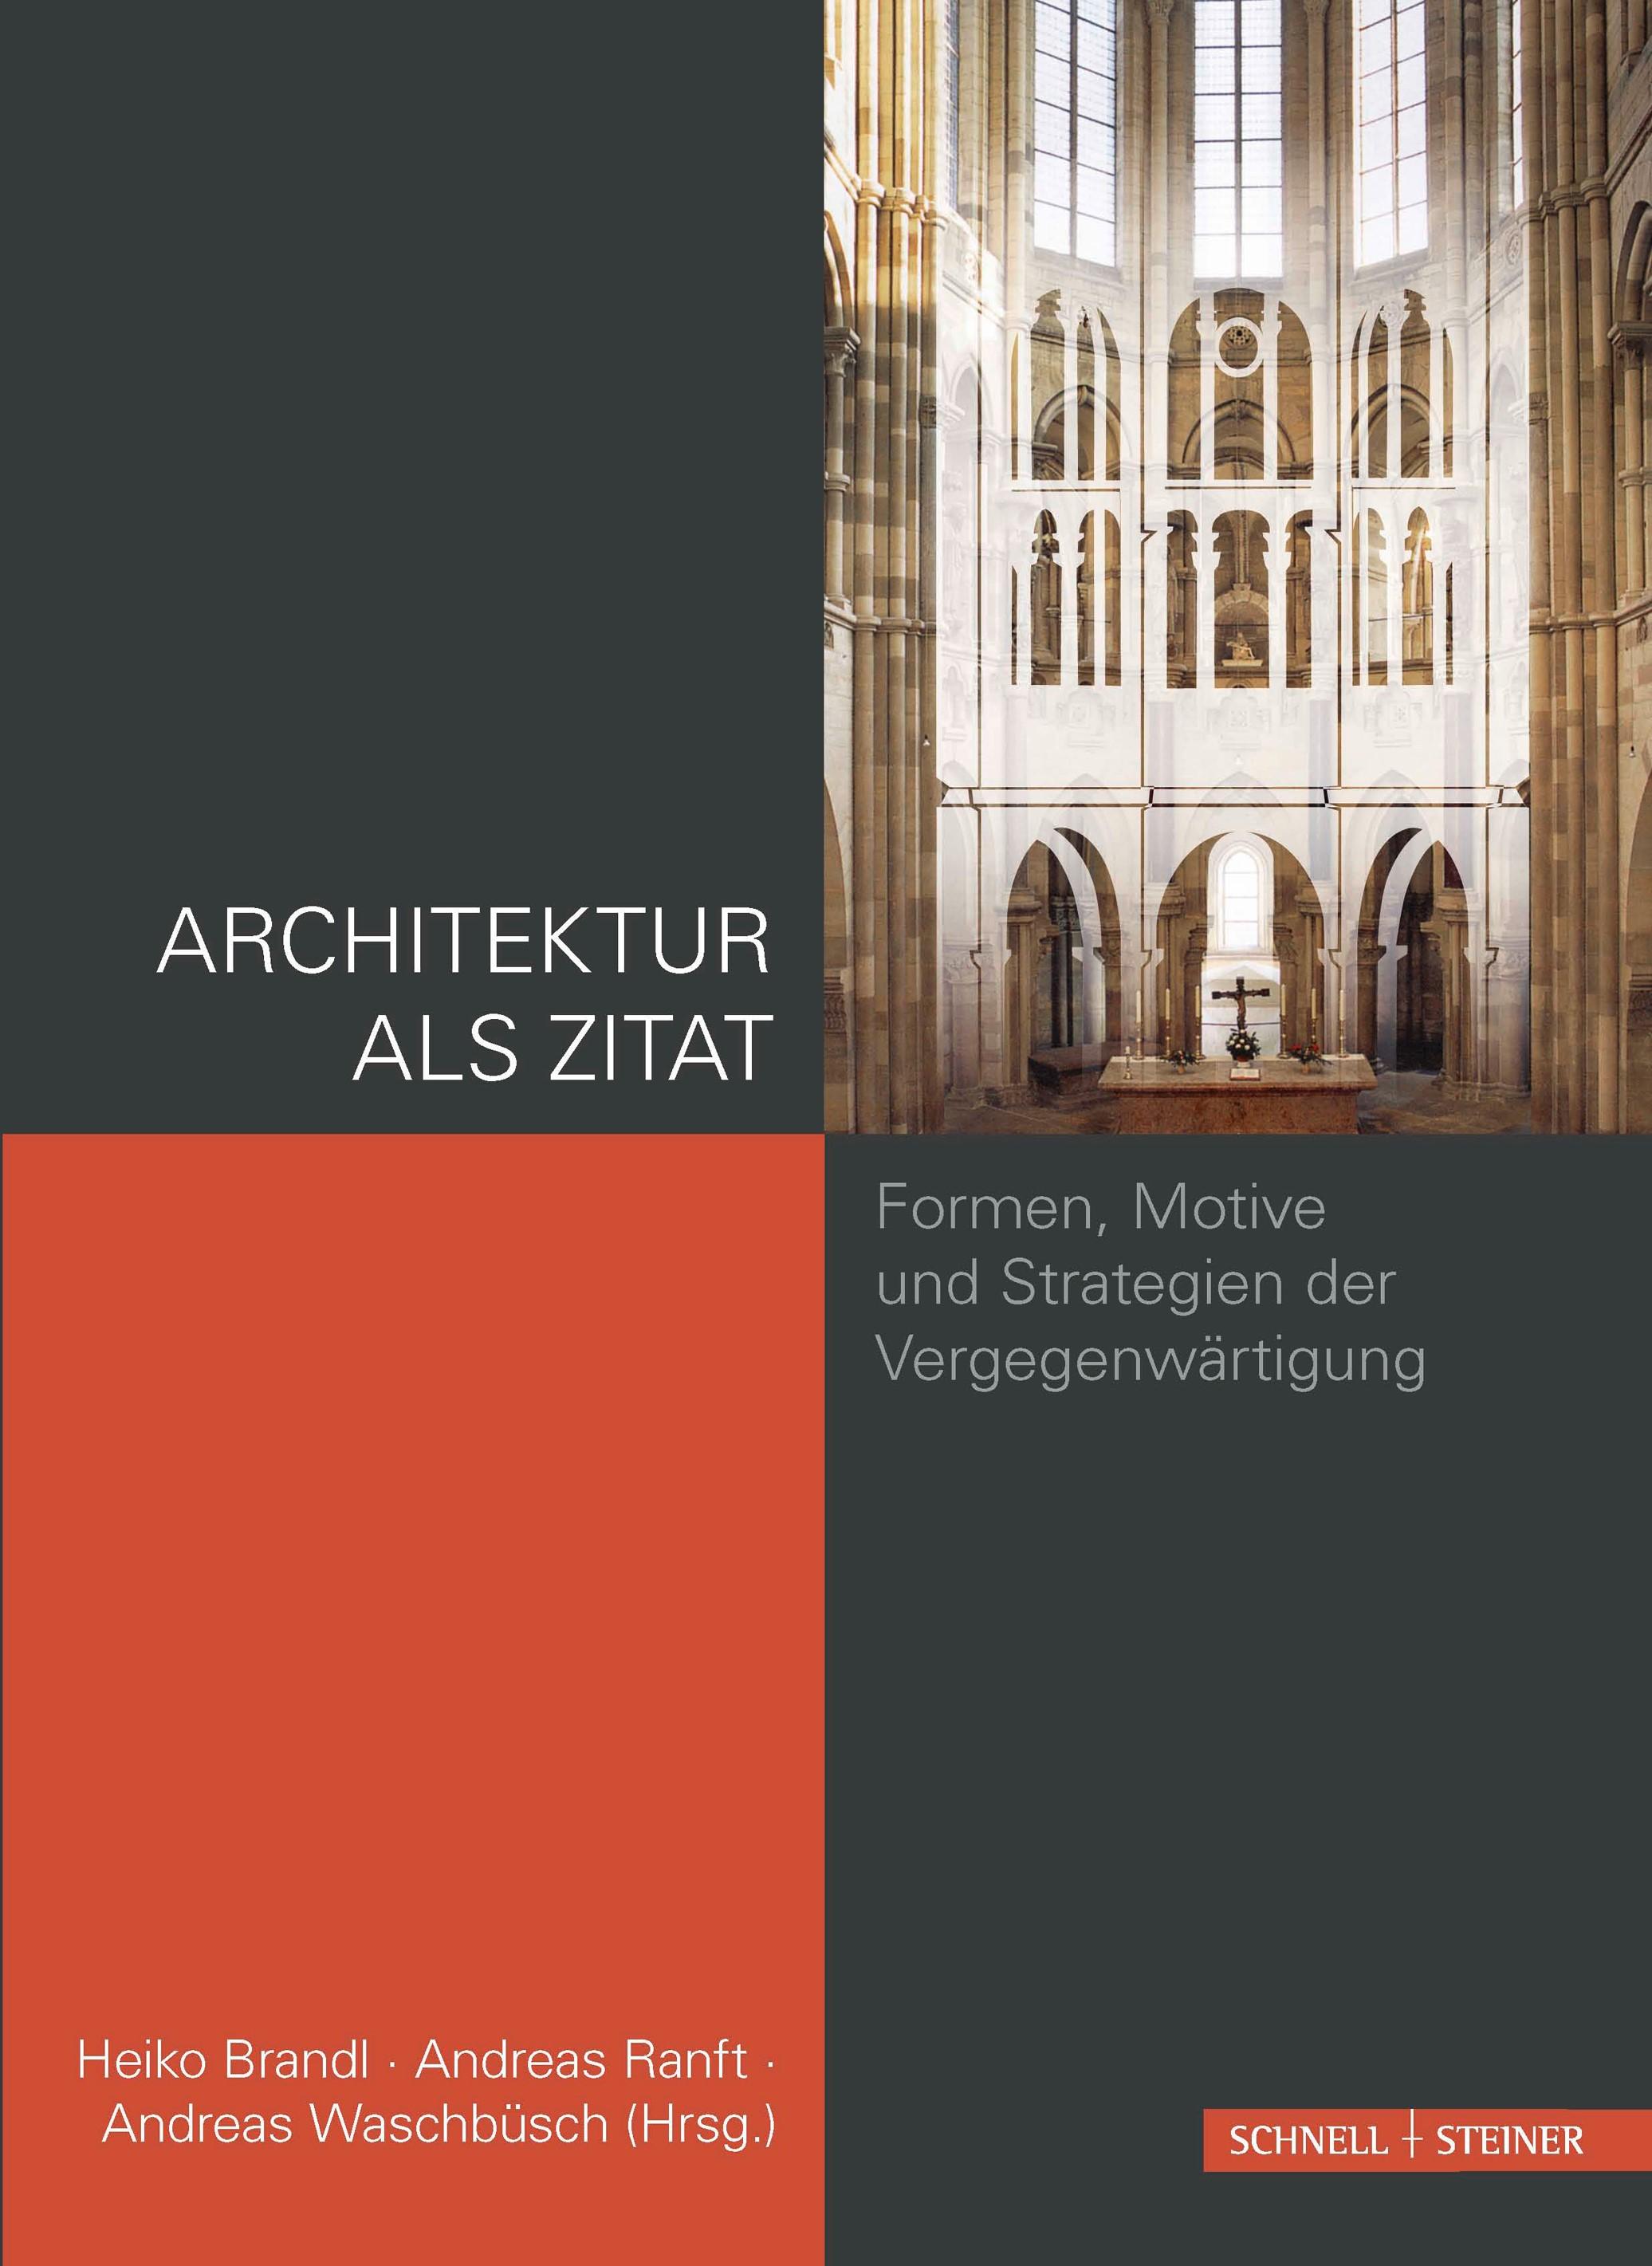 Architektur als Zitat | Brandl / Ranft / Waschbüsch, 2014 | Buch (Cover)